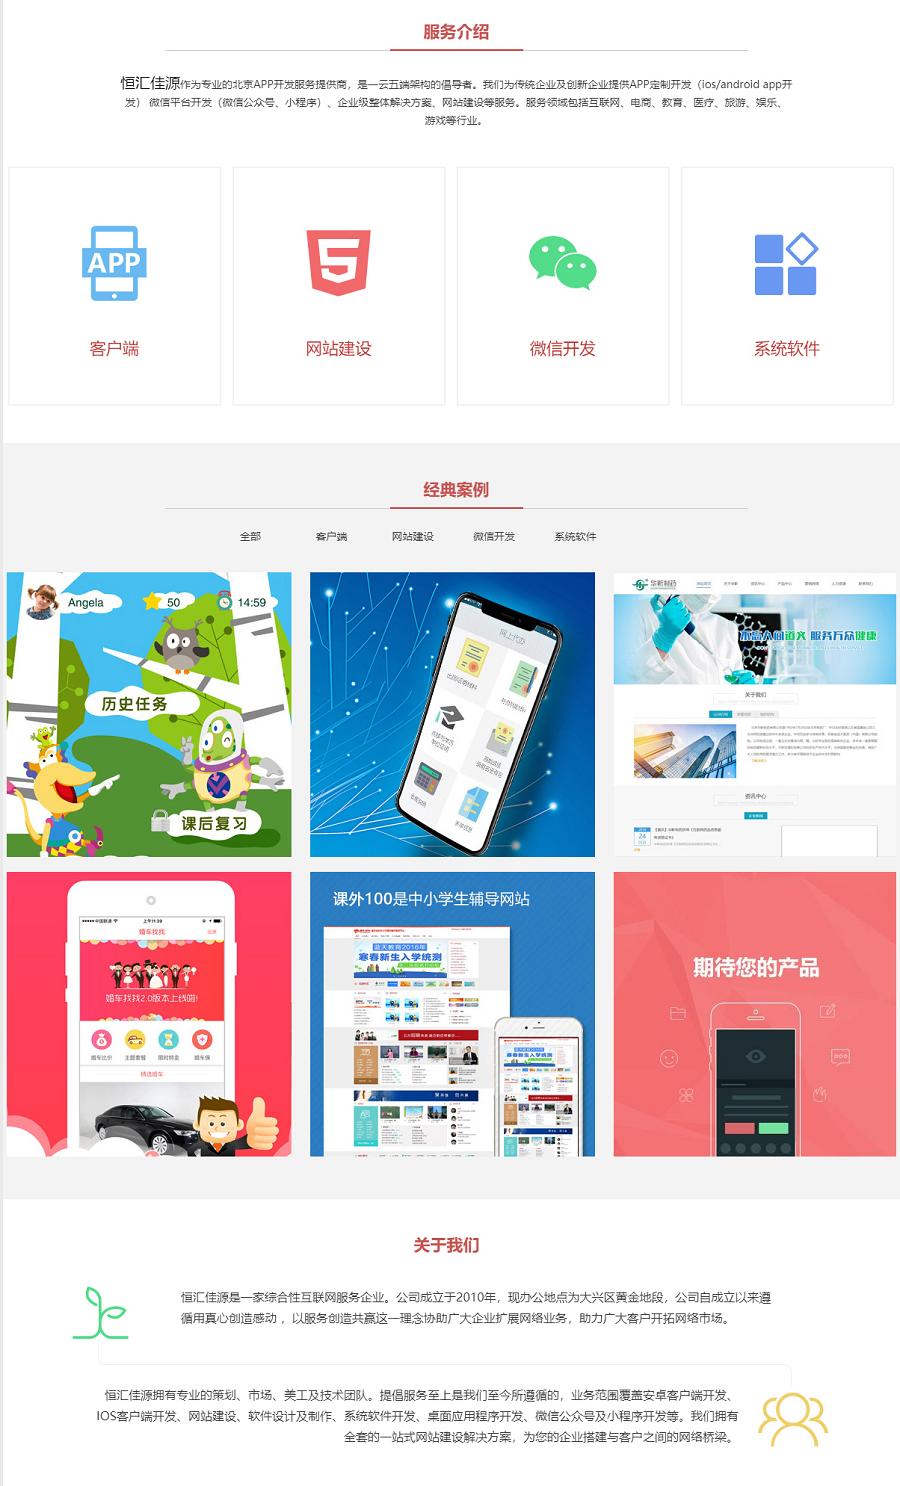 北京 APP开发 小程序企业商铺主营APP开发_一品威客网.png